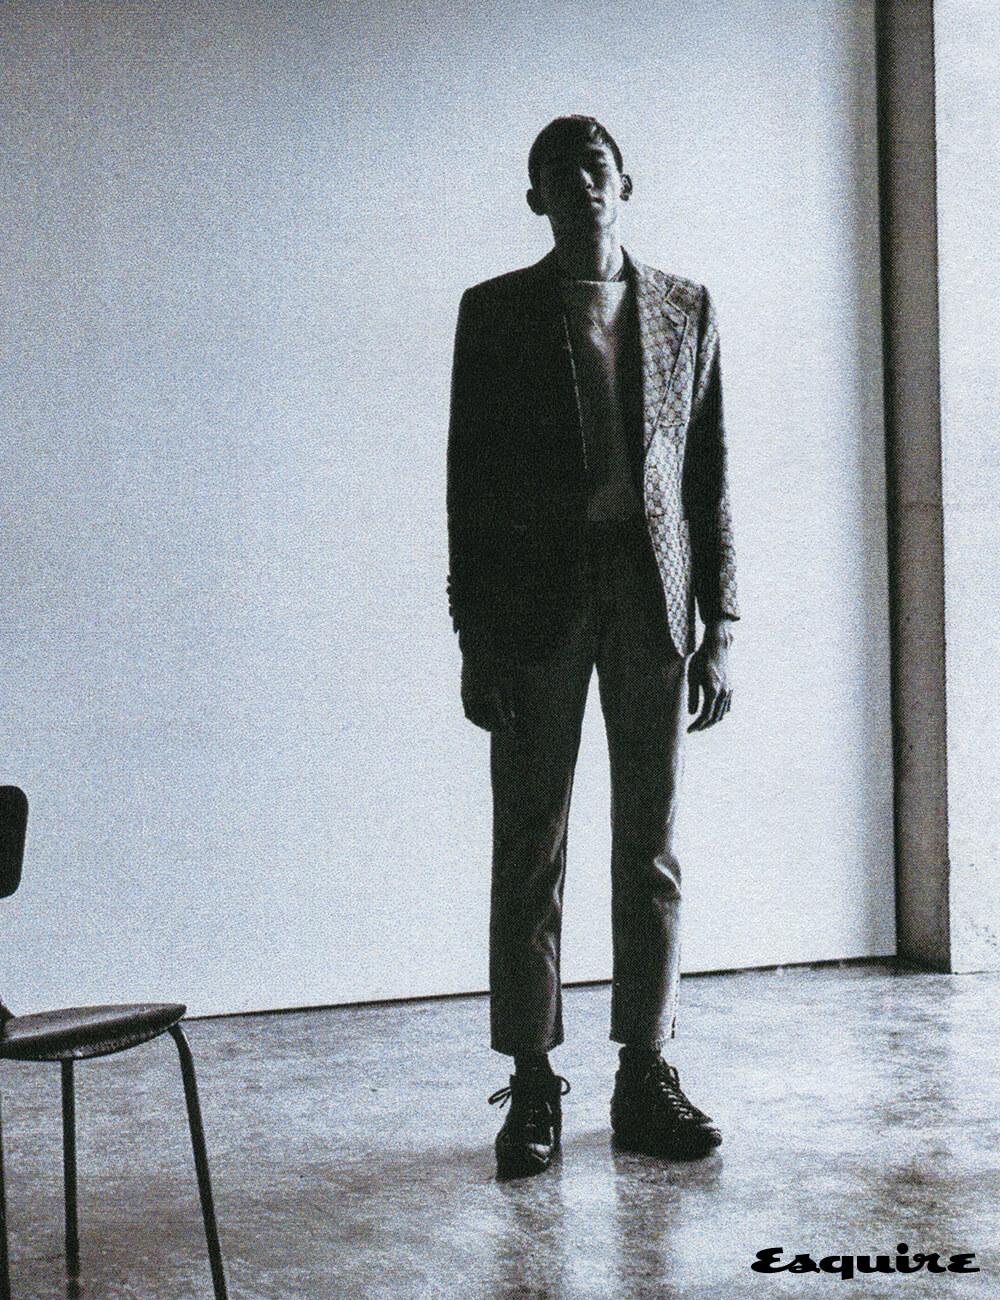 재킷 370만원 구찌. 스웨트셔츠 12만9000원 리바이스. 데님 바지 에디터 소장품. 농구화 가격 미정 나이키.